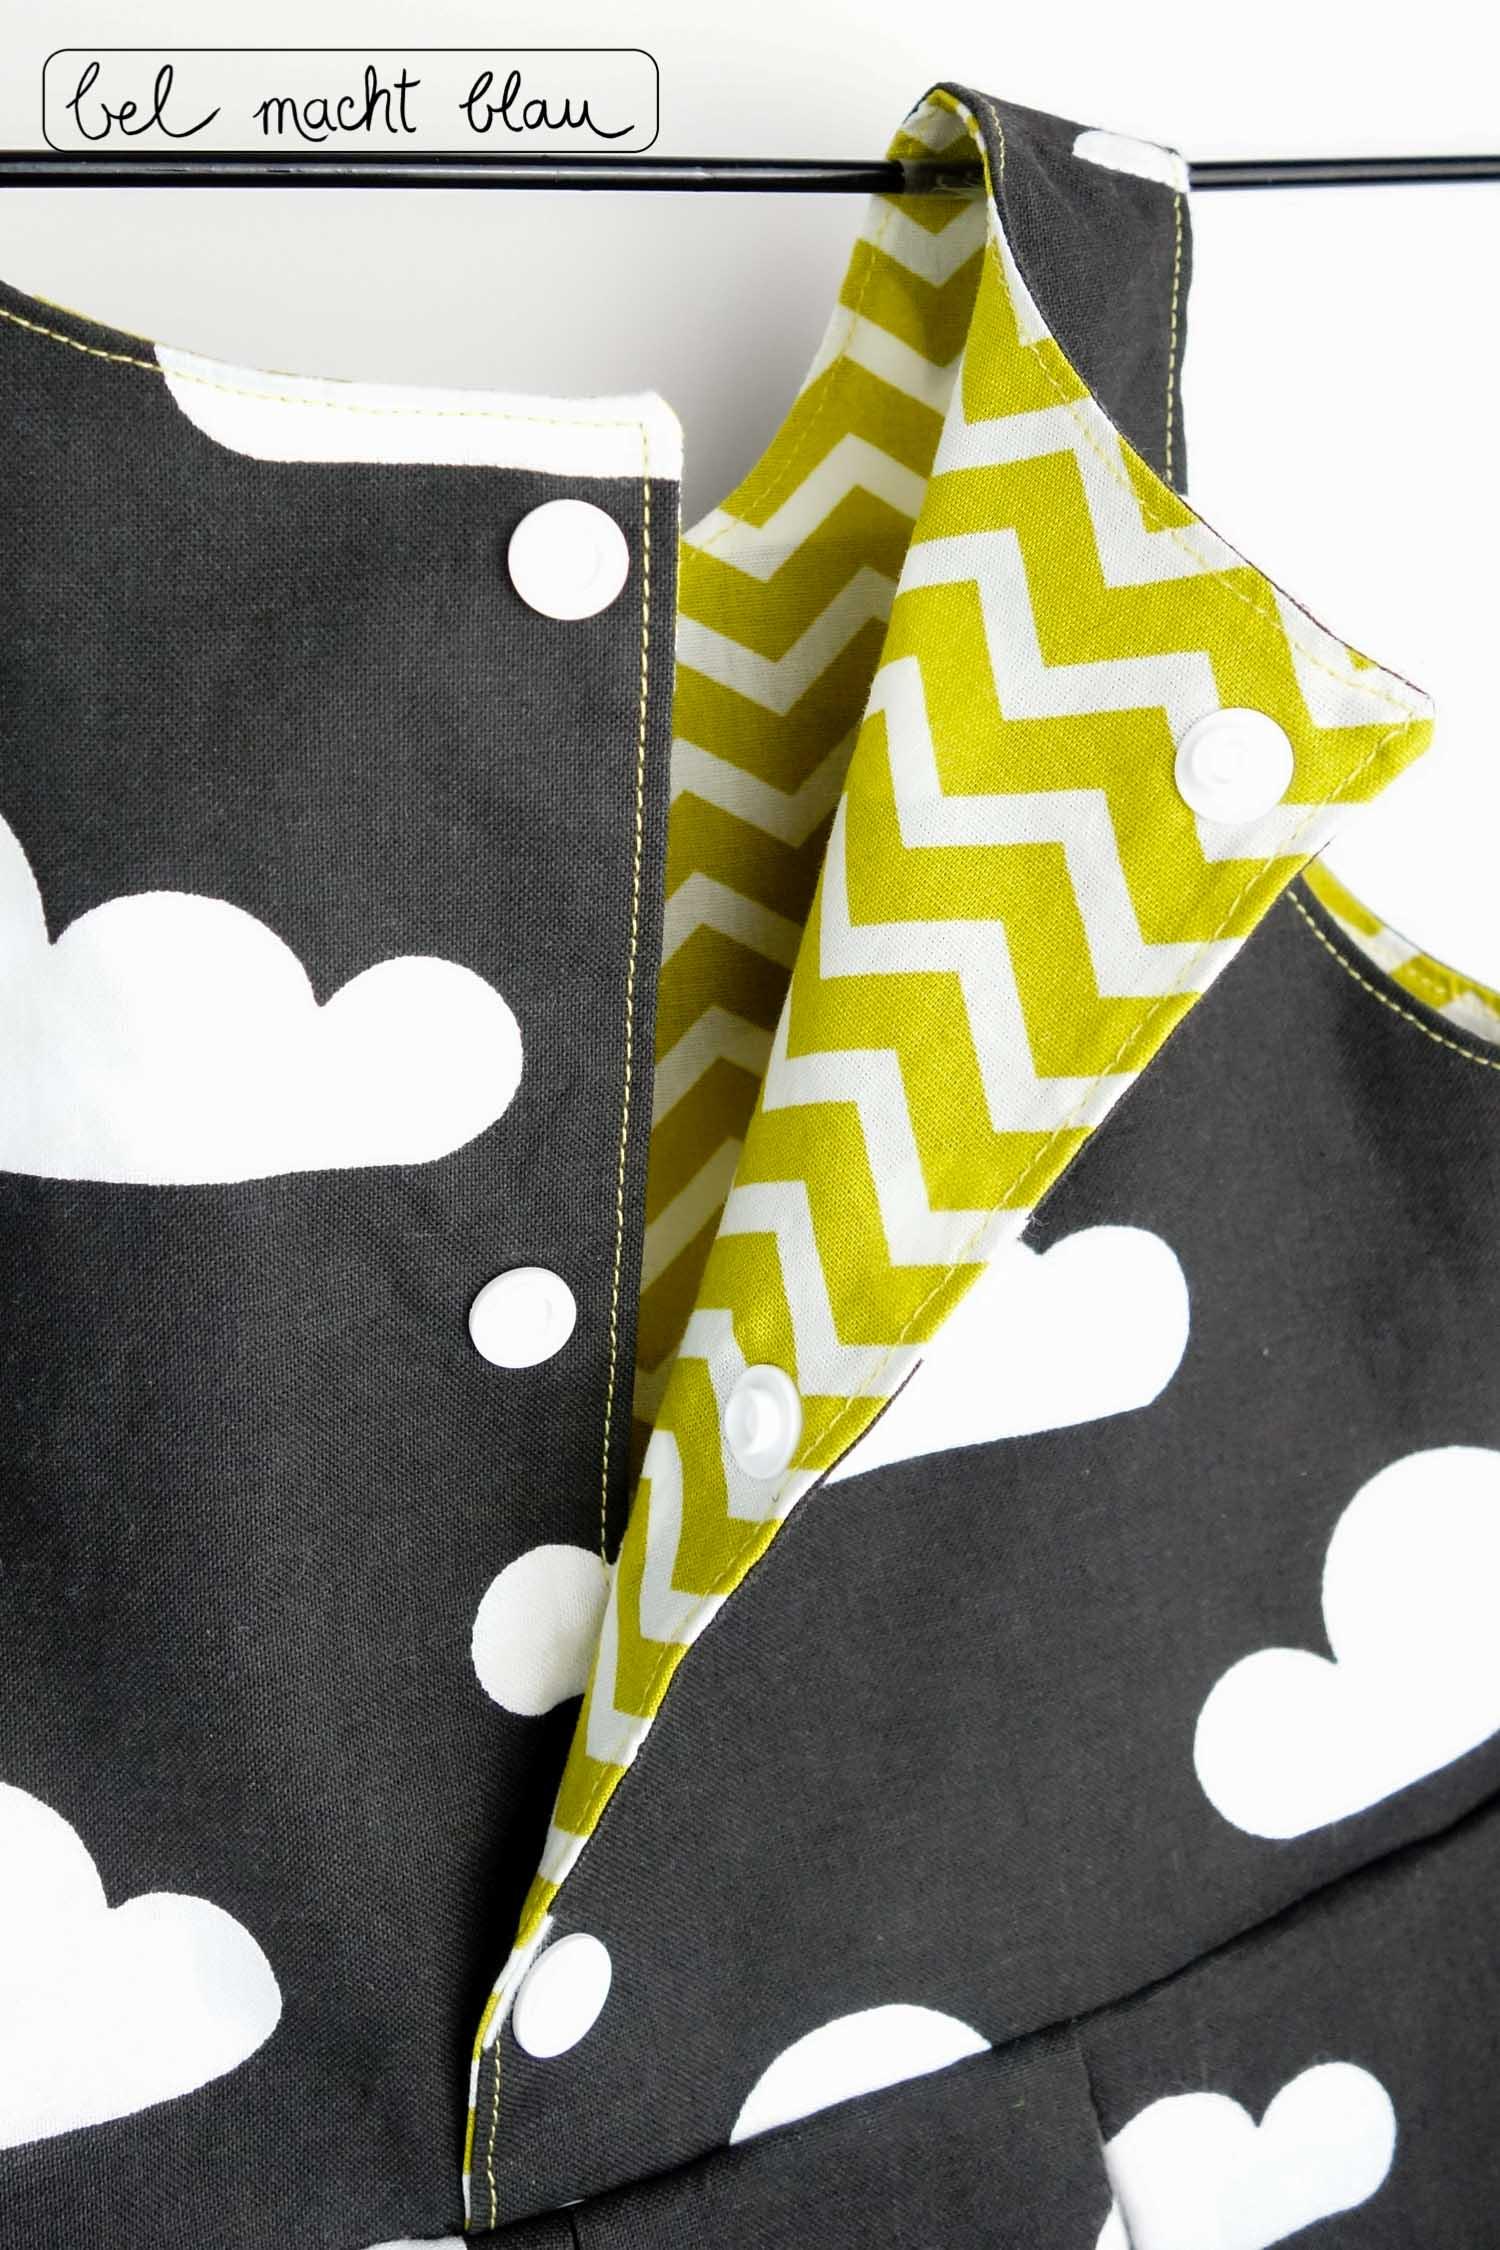 Ein Mädchenkleid für die Beerdigung - schwarzer Wolkenstoff und ockergelber Zickzack-Stoff in Kombination - Schnitt: Knoopkleed von groeny